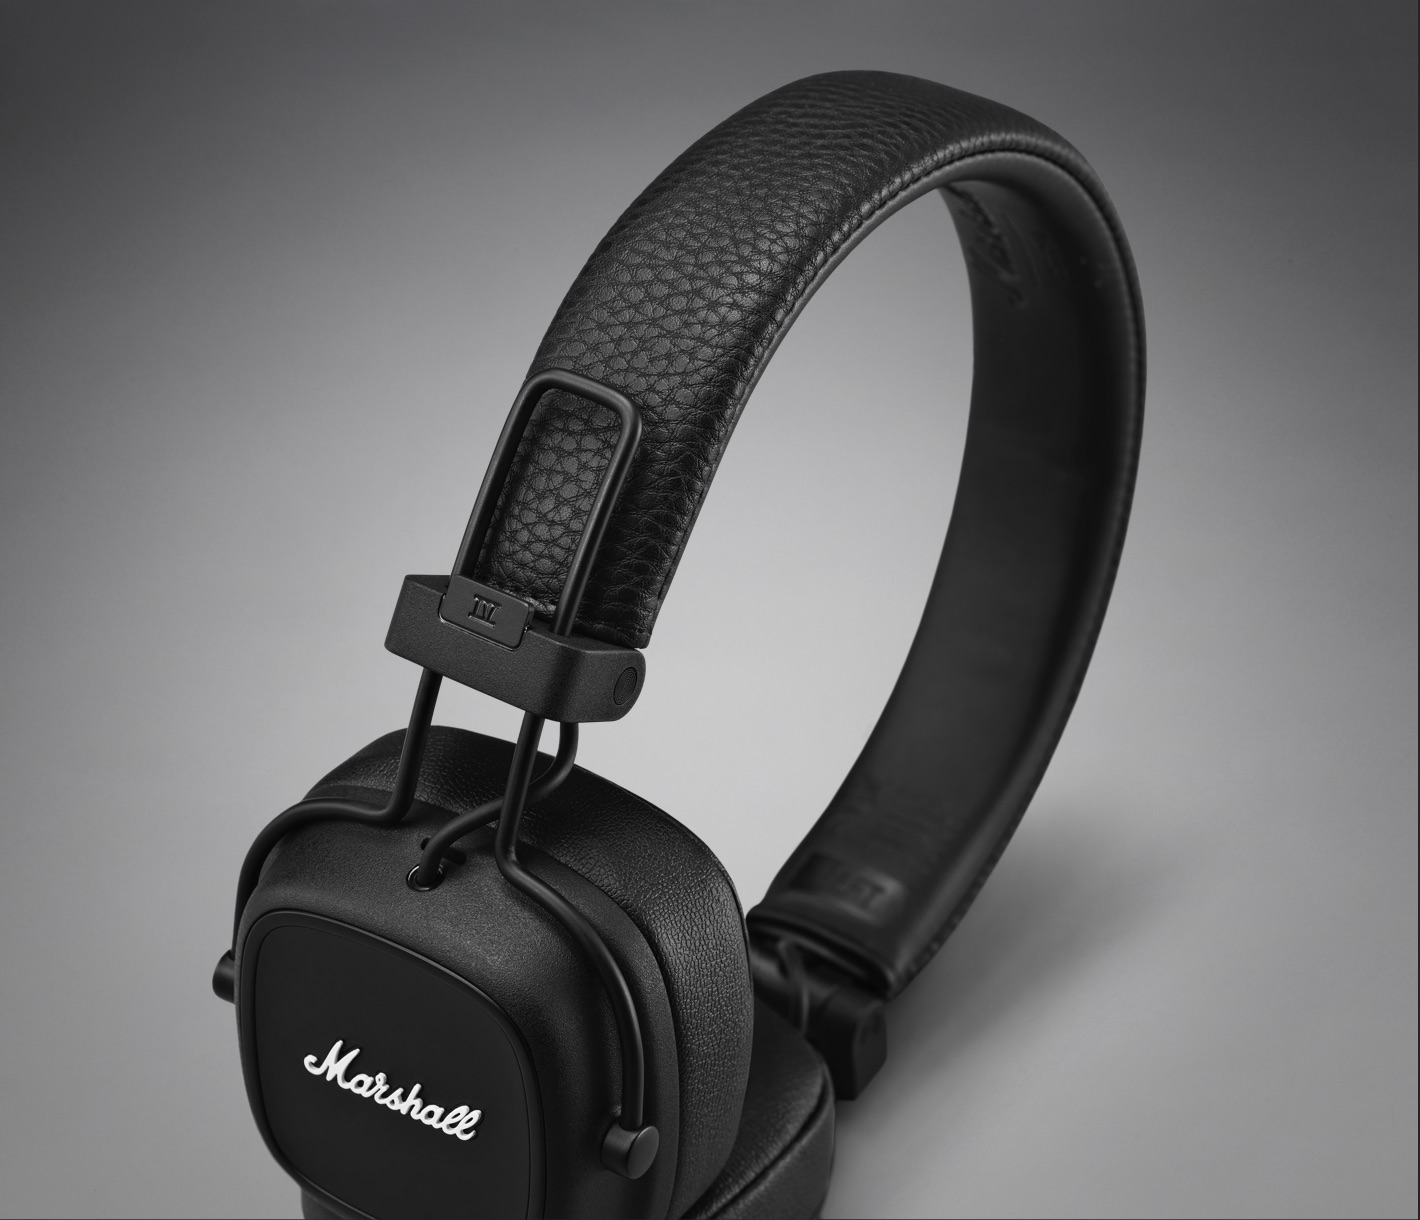 Marshall Major IV Wireless Bluetooth Headphones